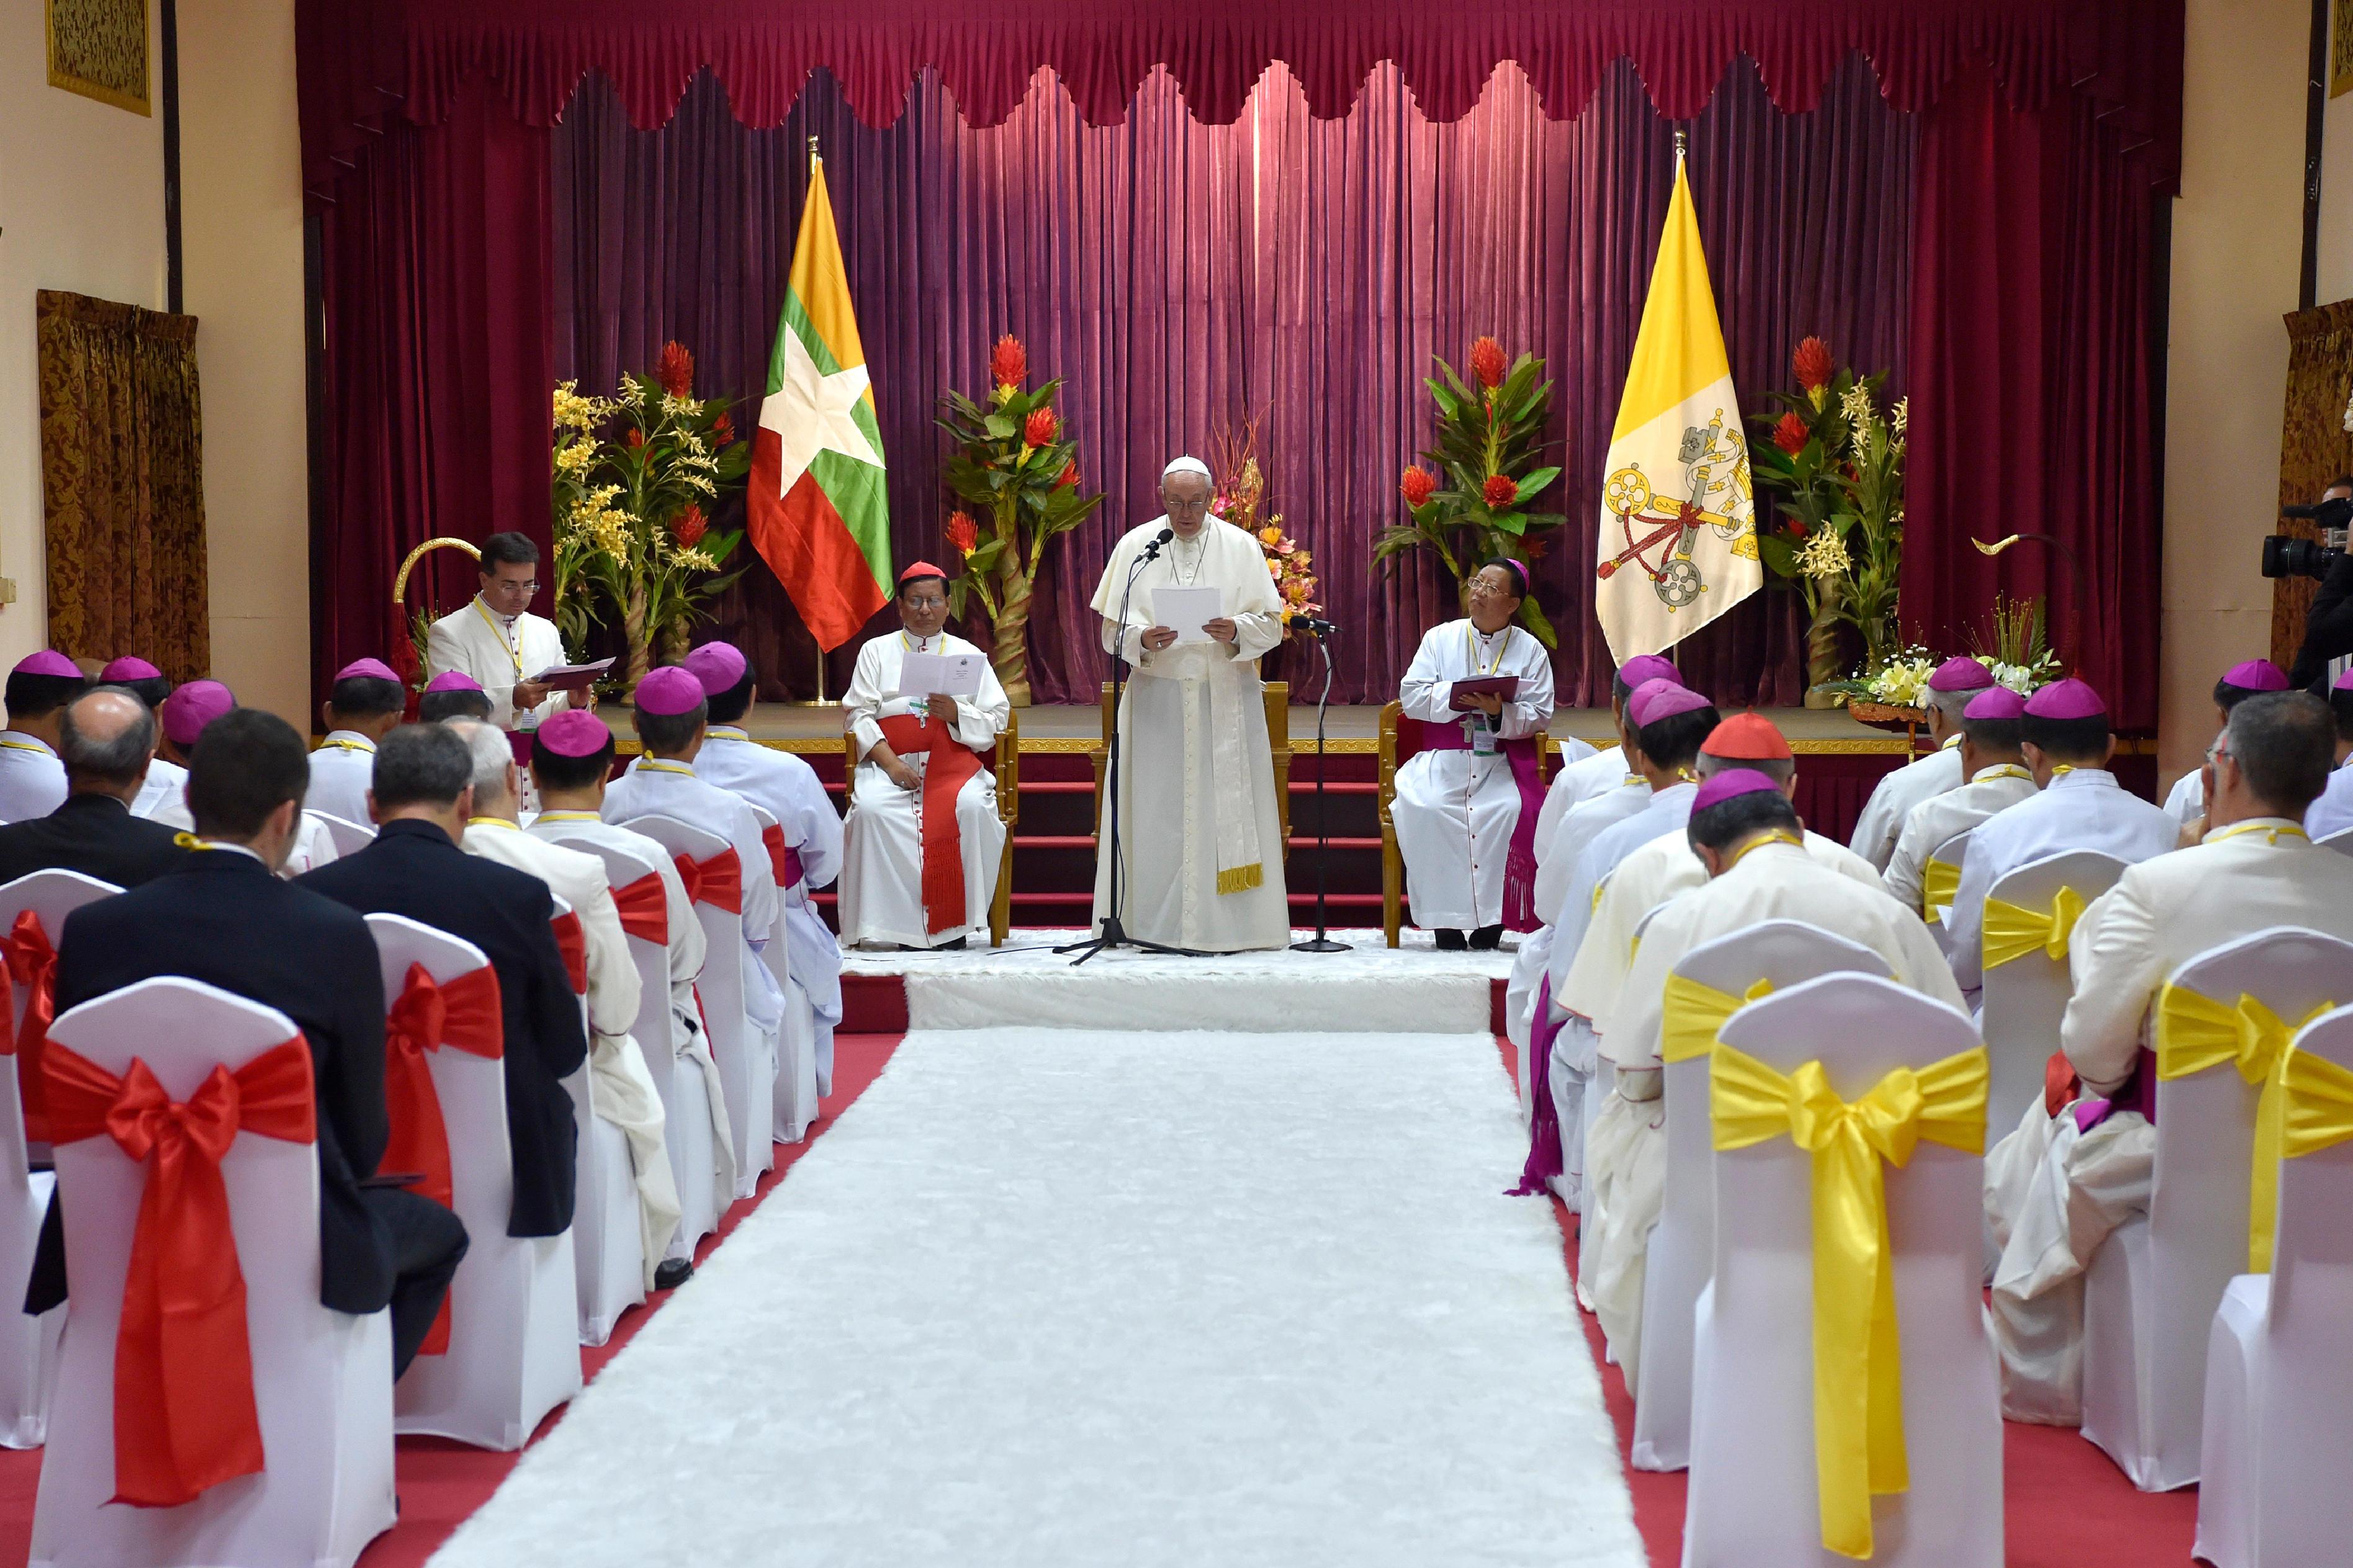 Rencontre avec les évêques du Myanmar © L'Osservatore Romano